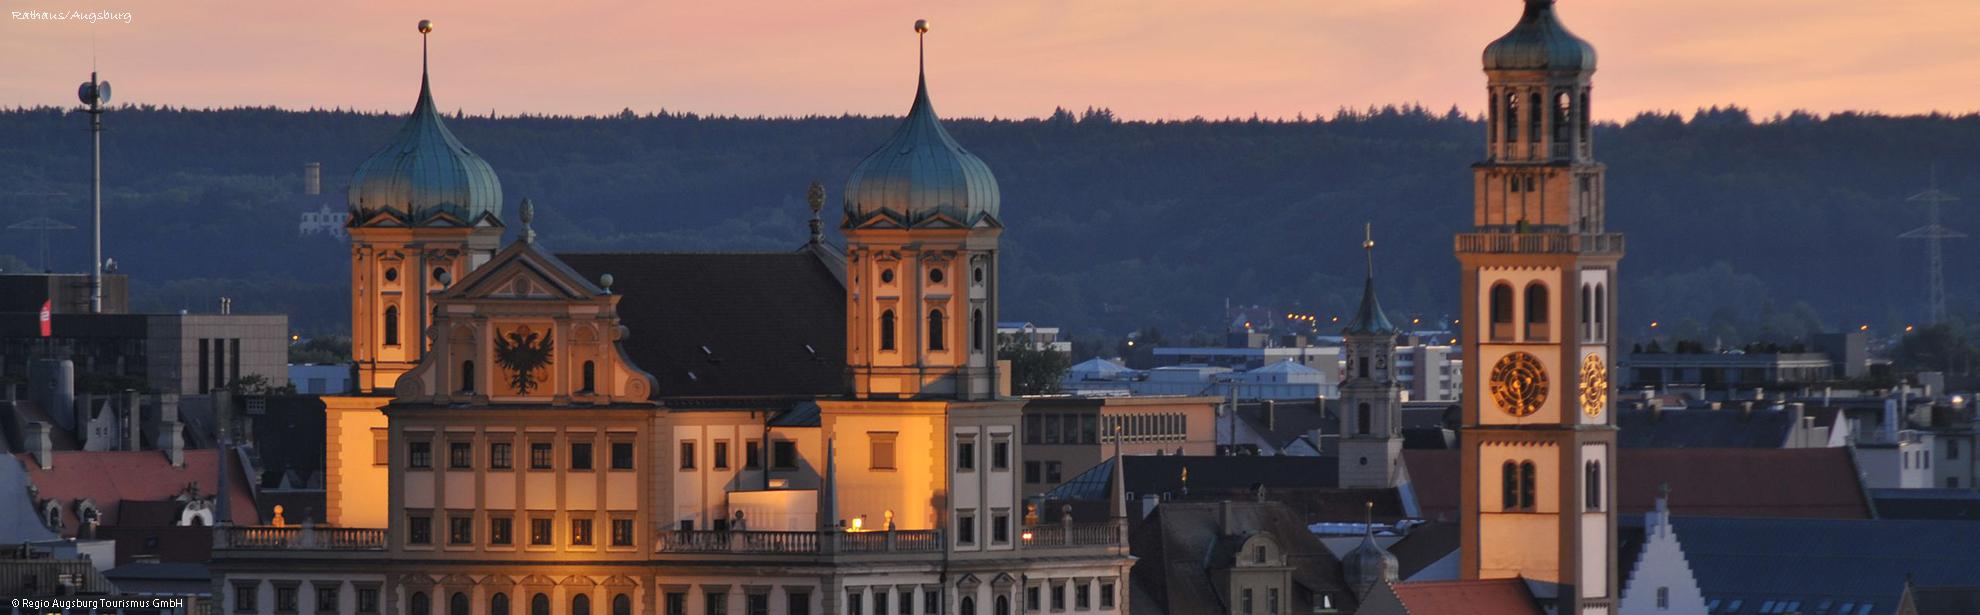 Oklass0_Regio-Augsburg-Tourismus_Rathaus_Augsburg